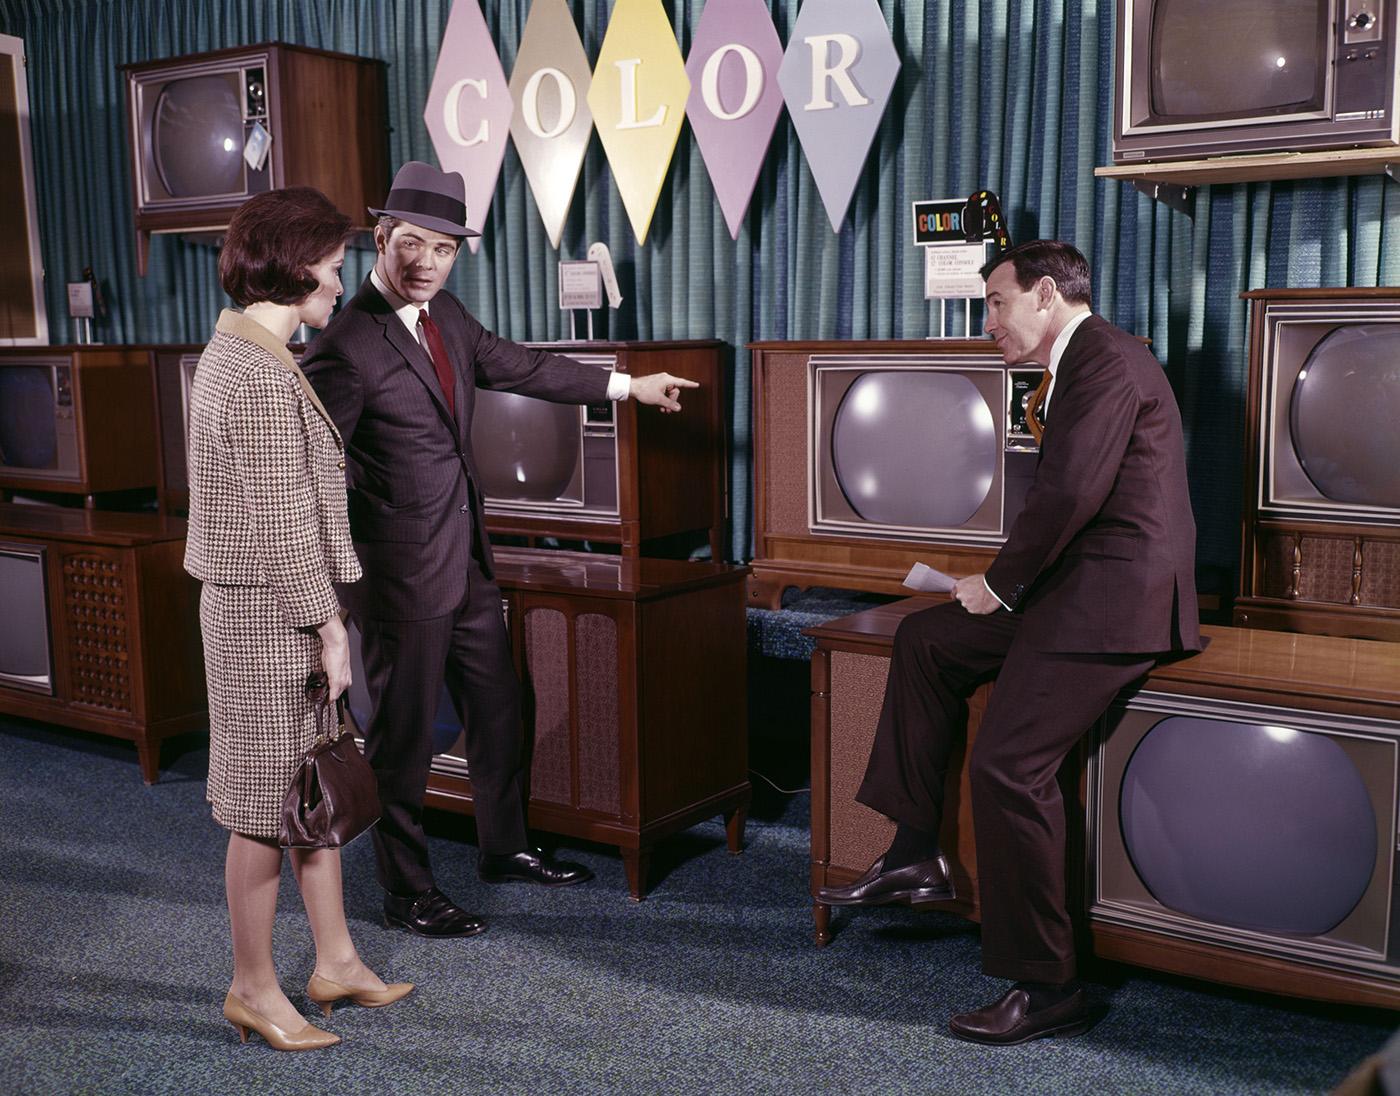 Fekete-fehér tévé után igazán nagy élmény volt színes adásokat nézni. Arról nem is beszélve, hogy a feltalálója a magyar származású Goldmark Péter Károly volt!